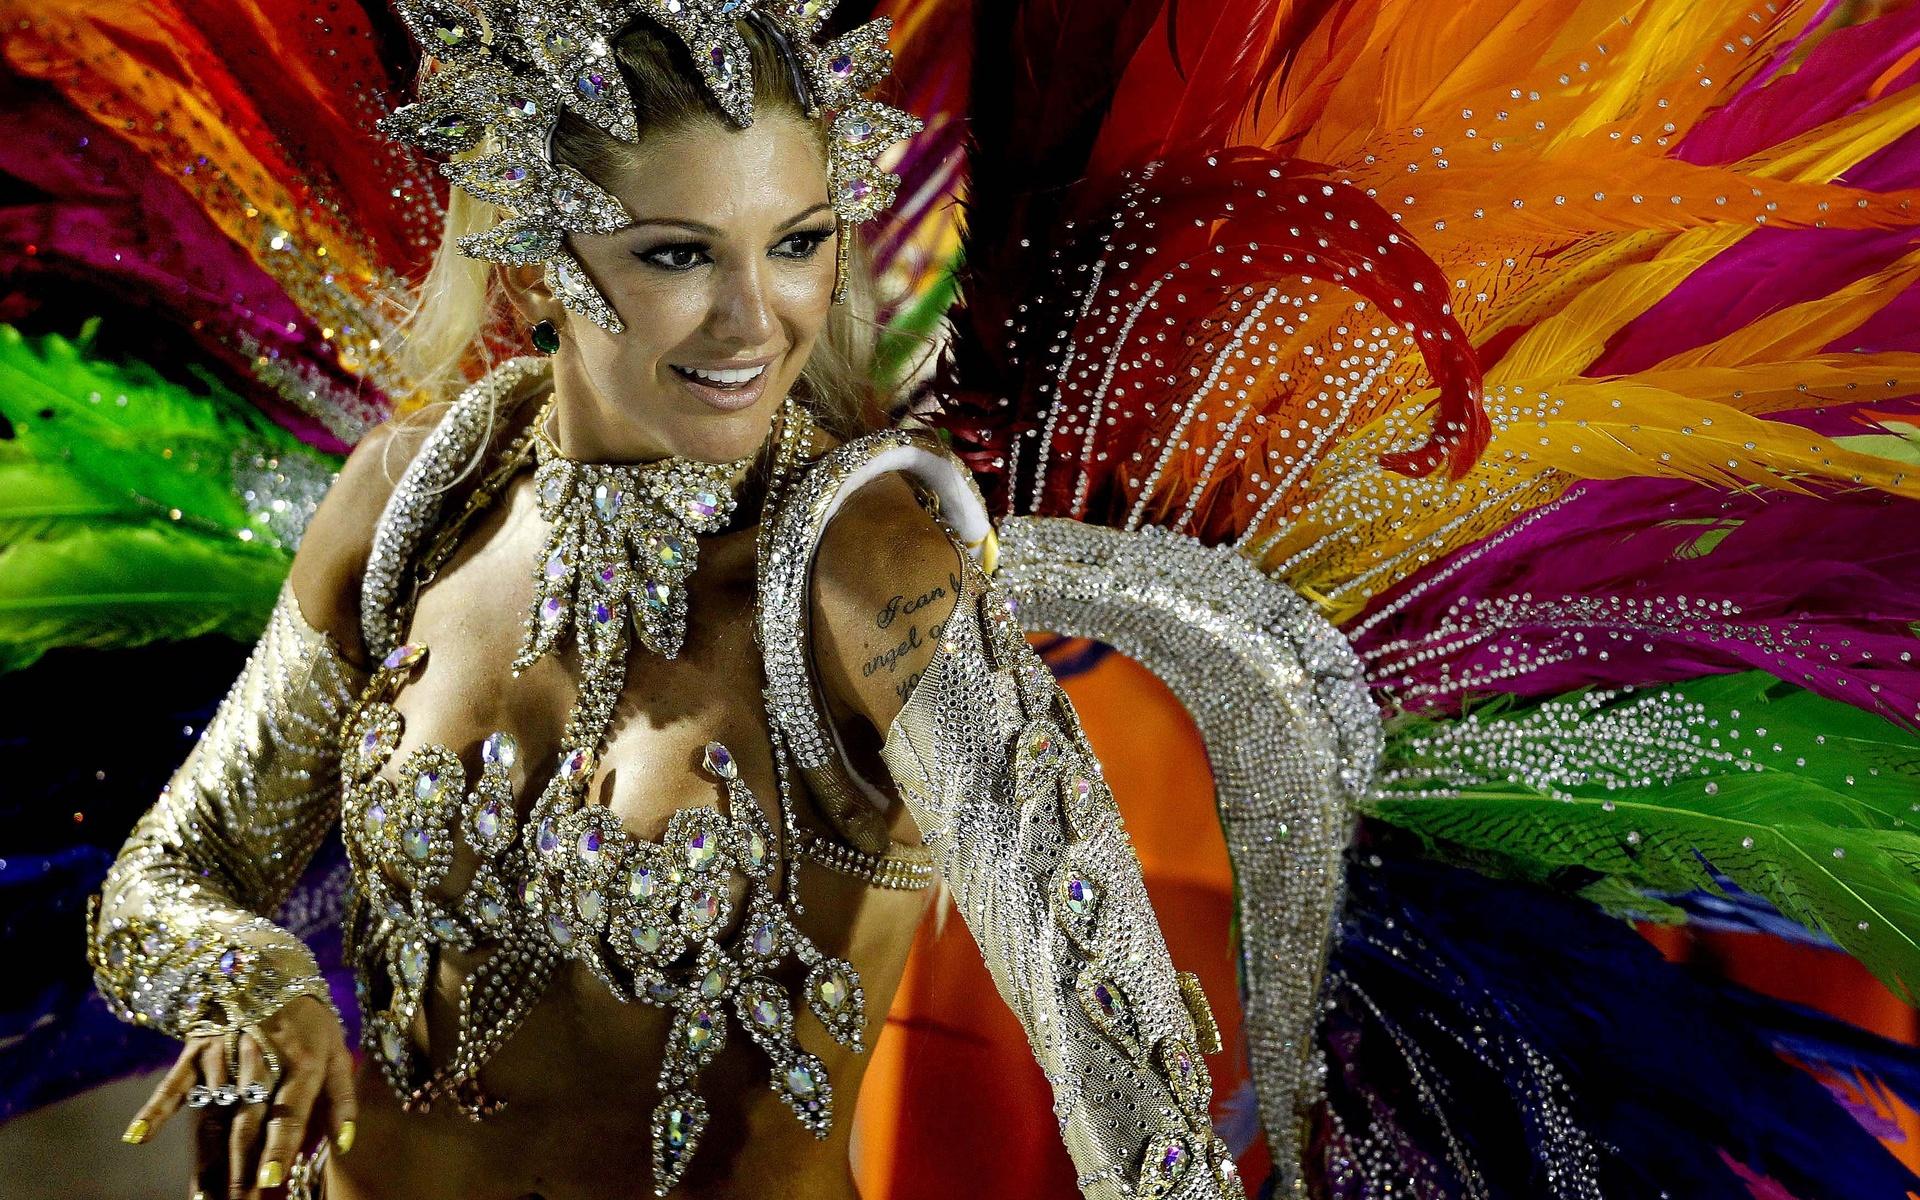 карнавал в бразилии 2016 без цензуры смотреть онлайн